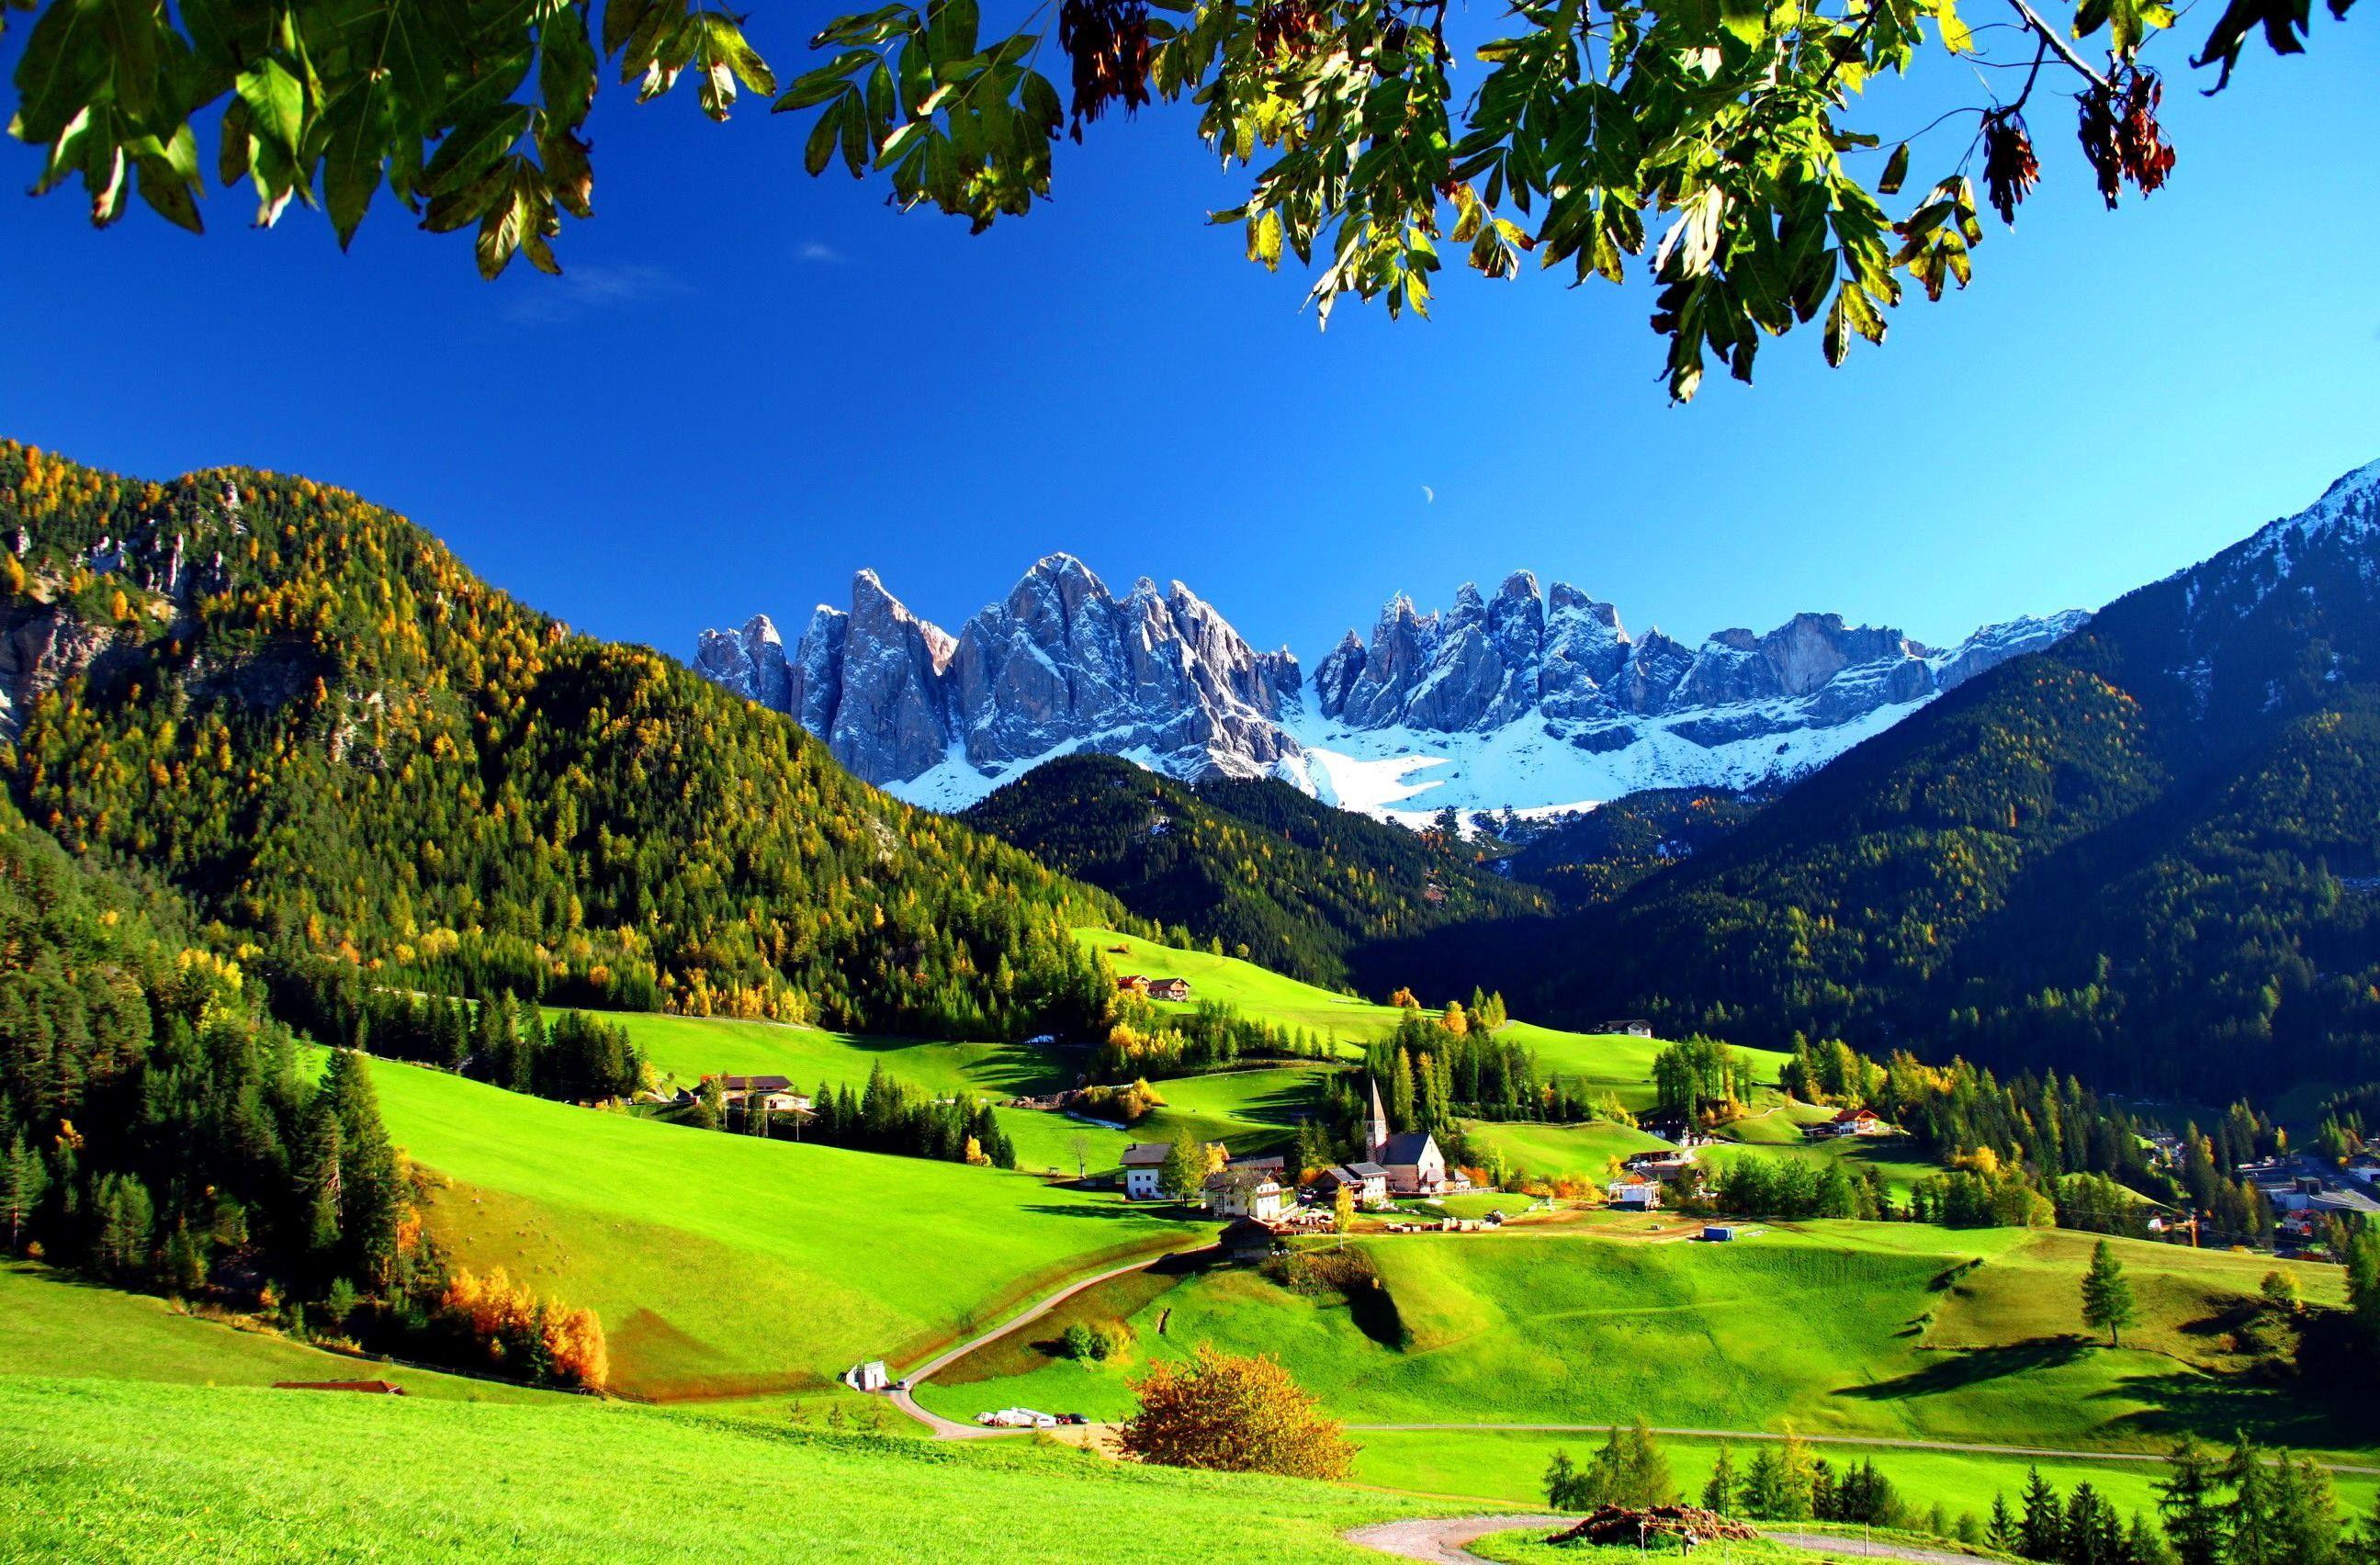 Lovely Desktop Nexus Nature Wallpapers Desktop Background Nature Scenery Online Travel Sites